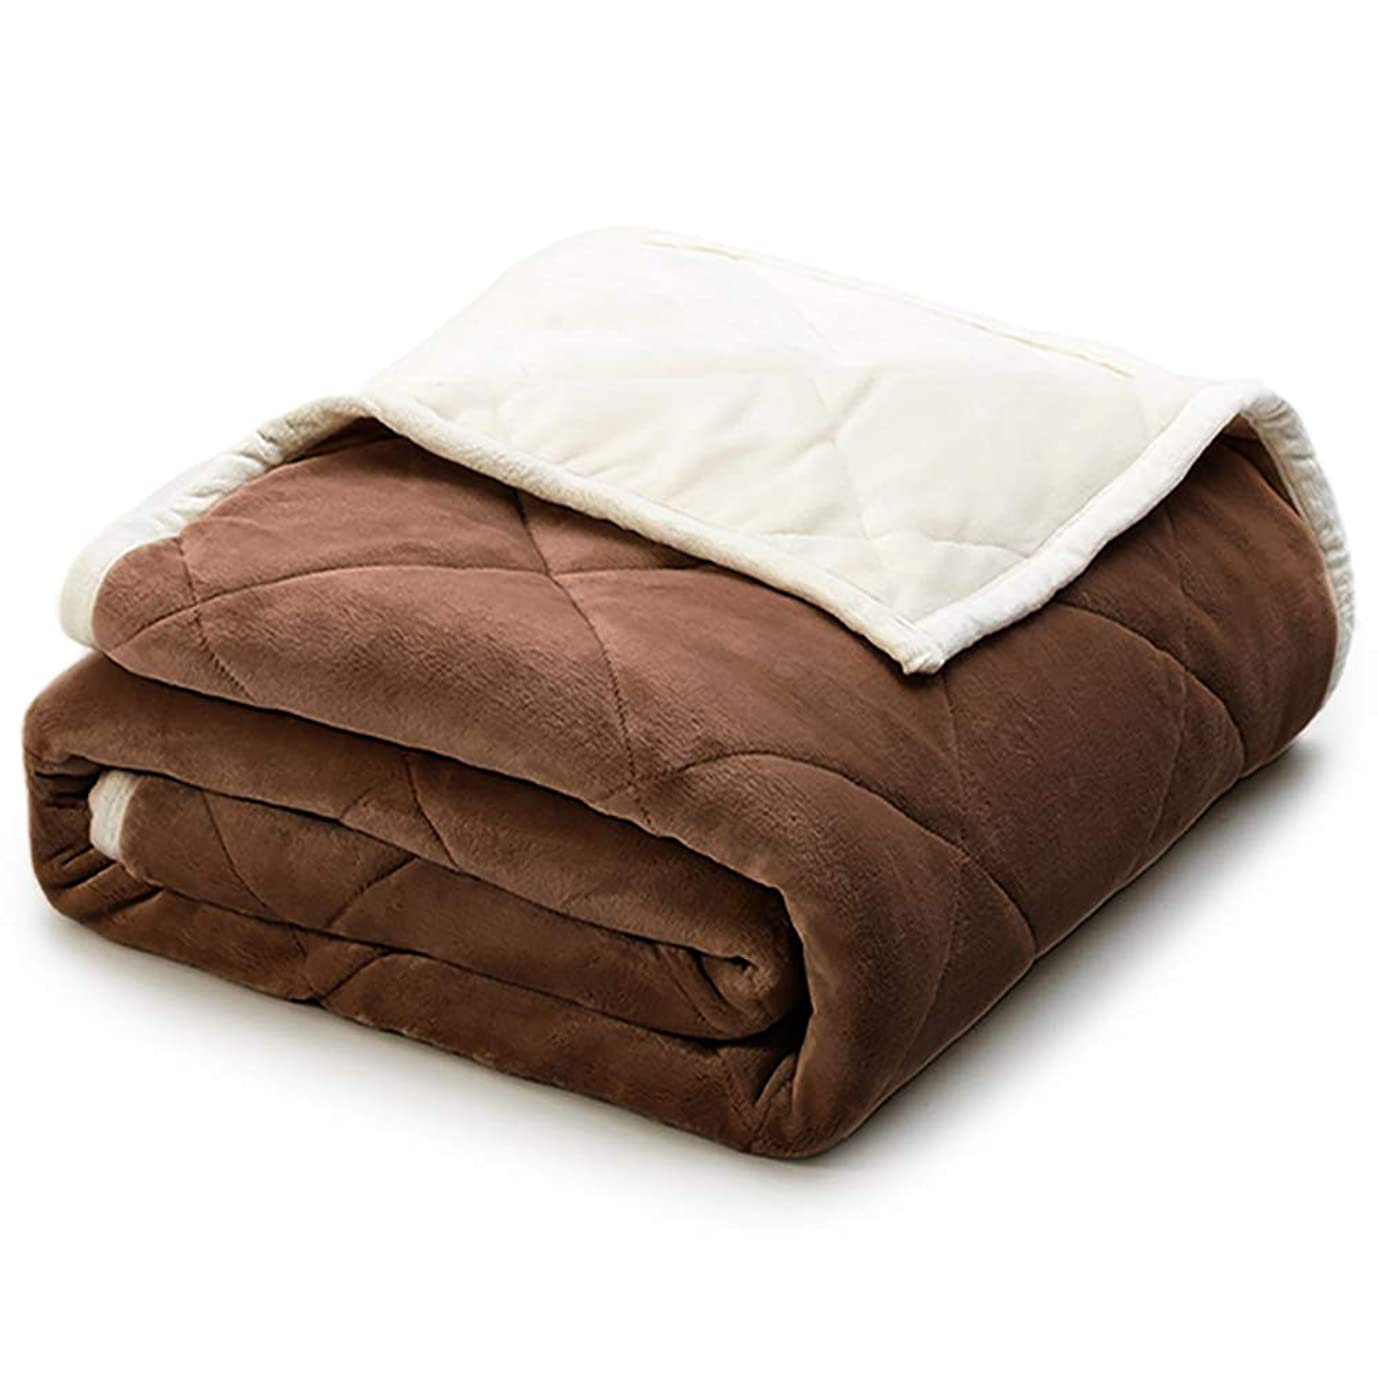 在庫暴君哺乳類二枚合わせ 毛布 あったか 厚手 フランネル 掛け毛布 毛布布団 毛布ふとん マイクロファイバー ブランケット 洗える (シングル?140X200cm, ブラウン)